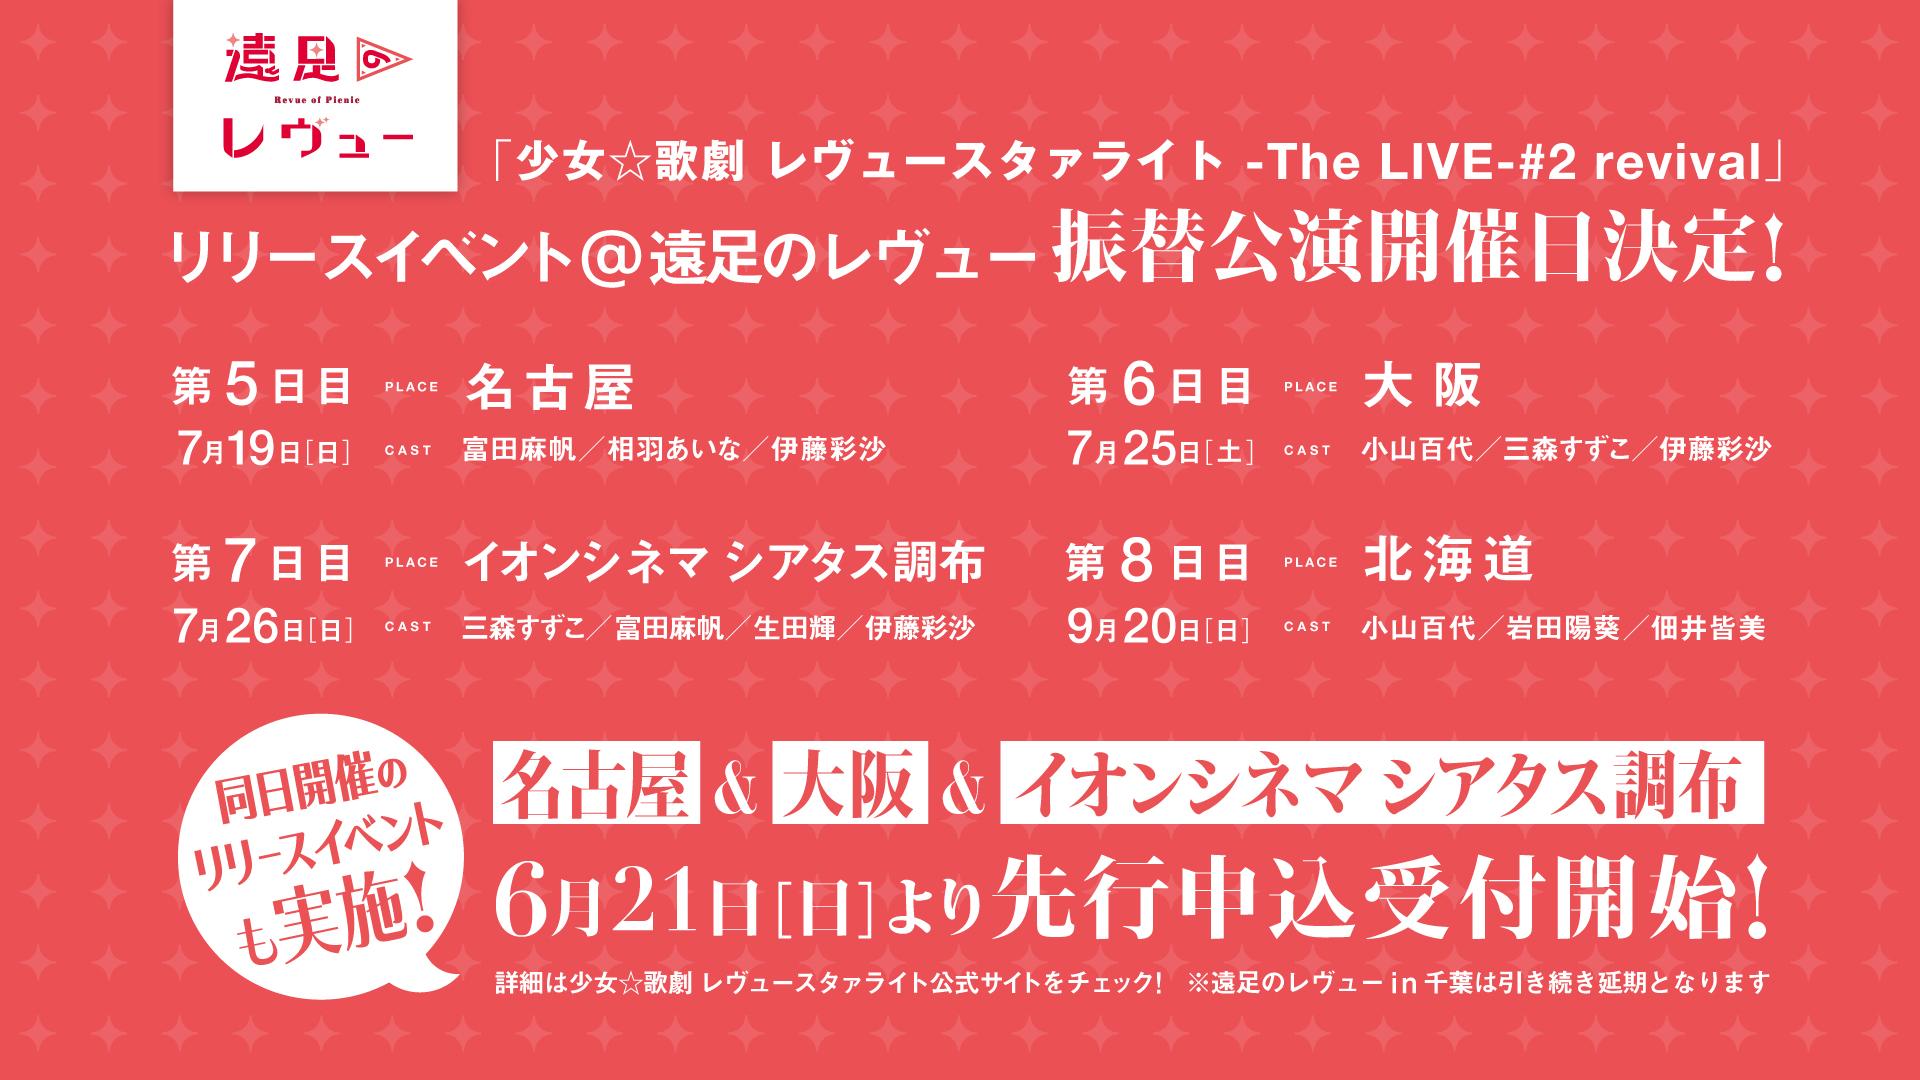 「少女☆歌劇 レヴュースタァライト -The LIVE-#2 revival」 リリースイベント@遠足のレヴュー【大阪公演・調布公演】開催延期のお知らせ